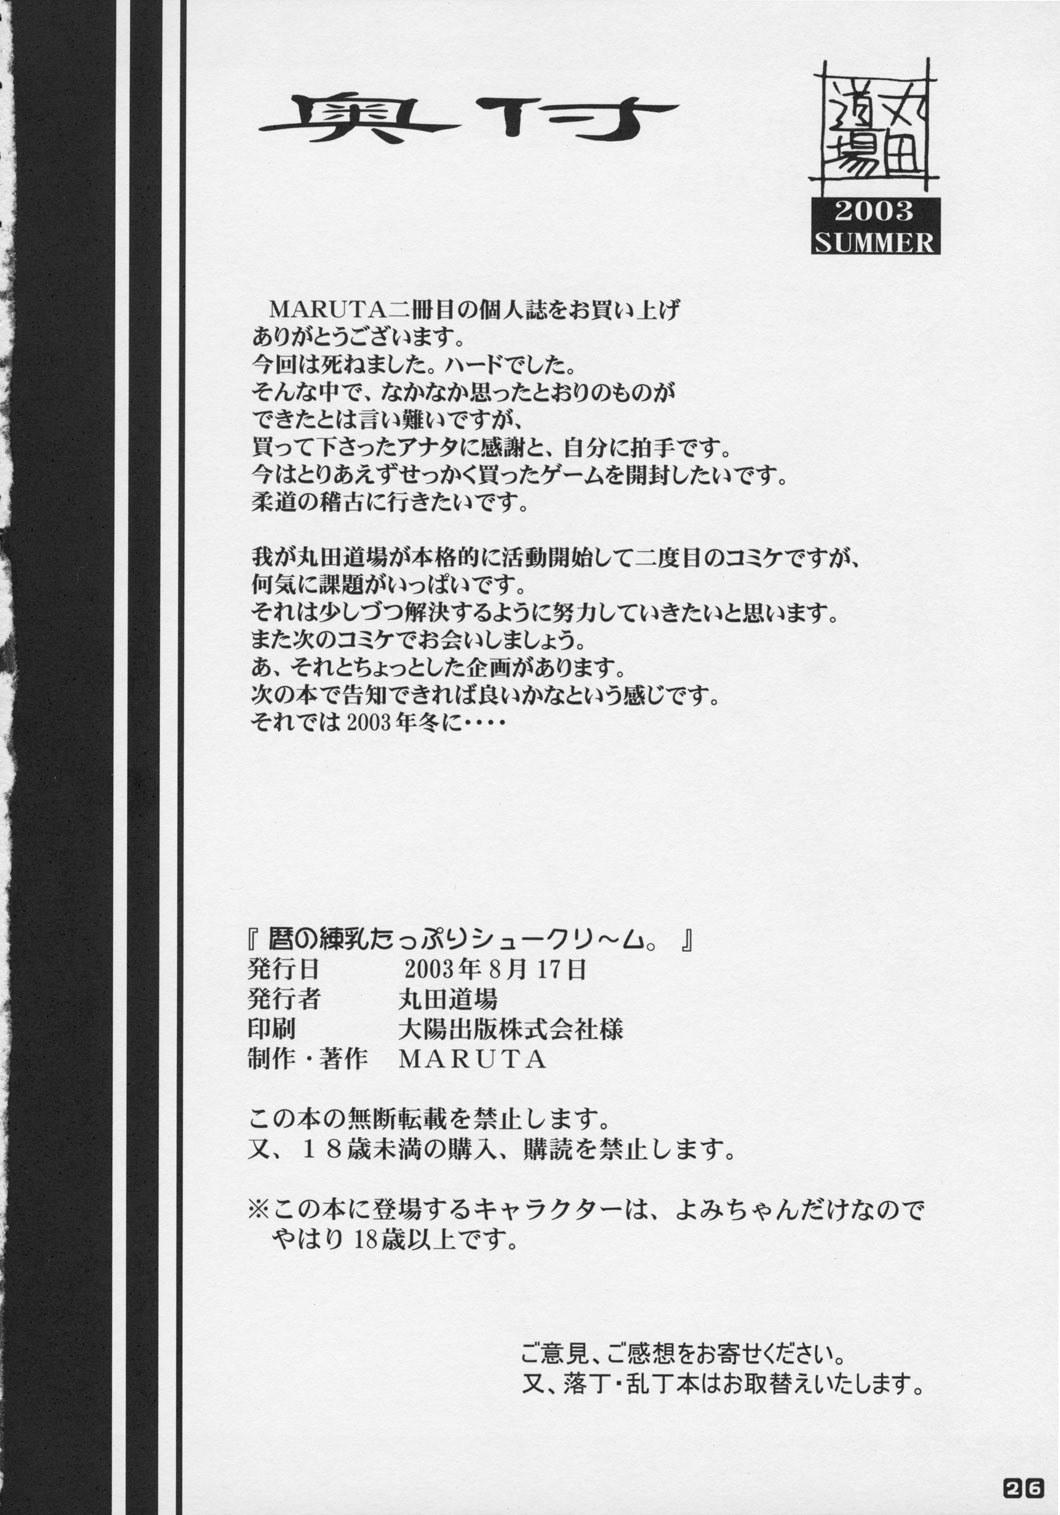 (C64) [MARUTA-DOJO (MARUTA)] Koyomi no Ren-nyu Tappuri Syu-Kuri-mu (Azumanga-Daioh) 25